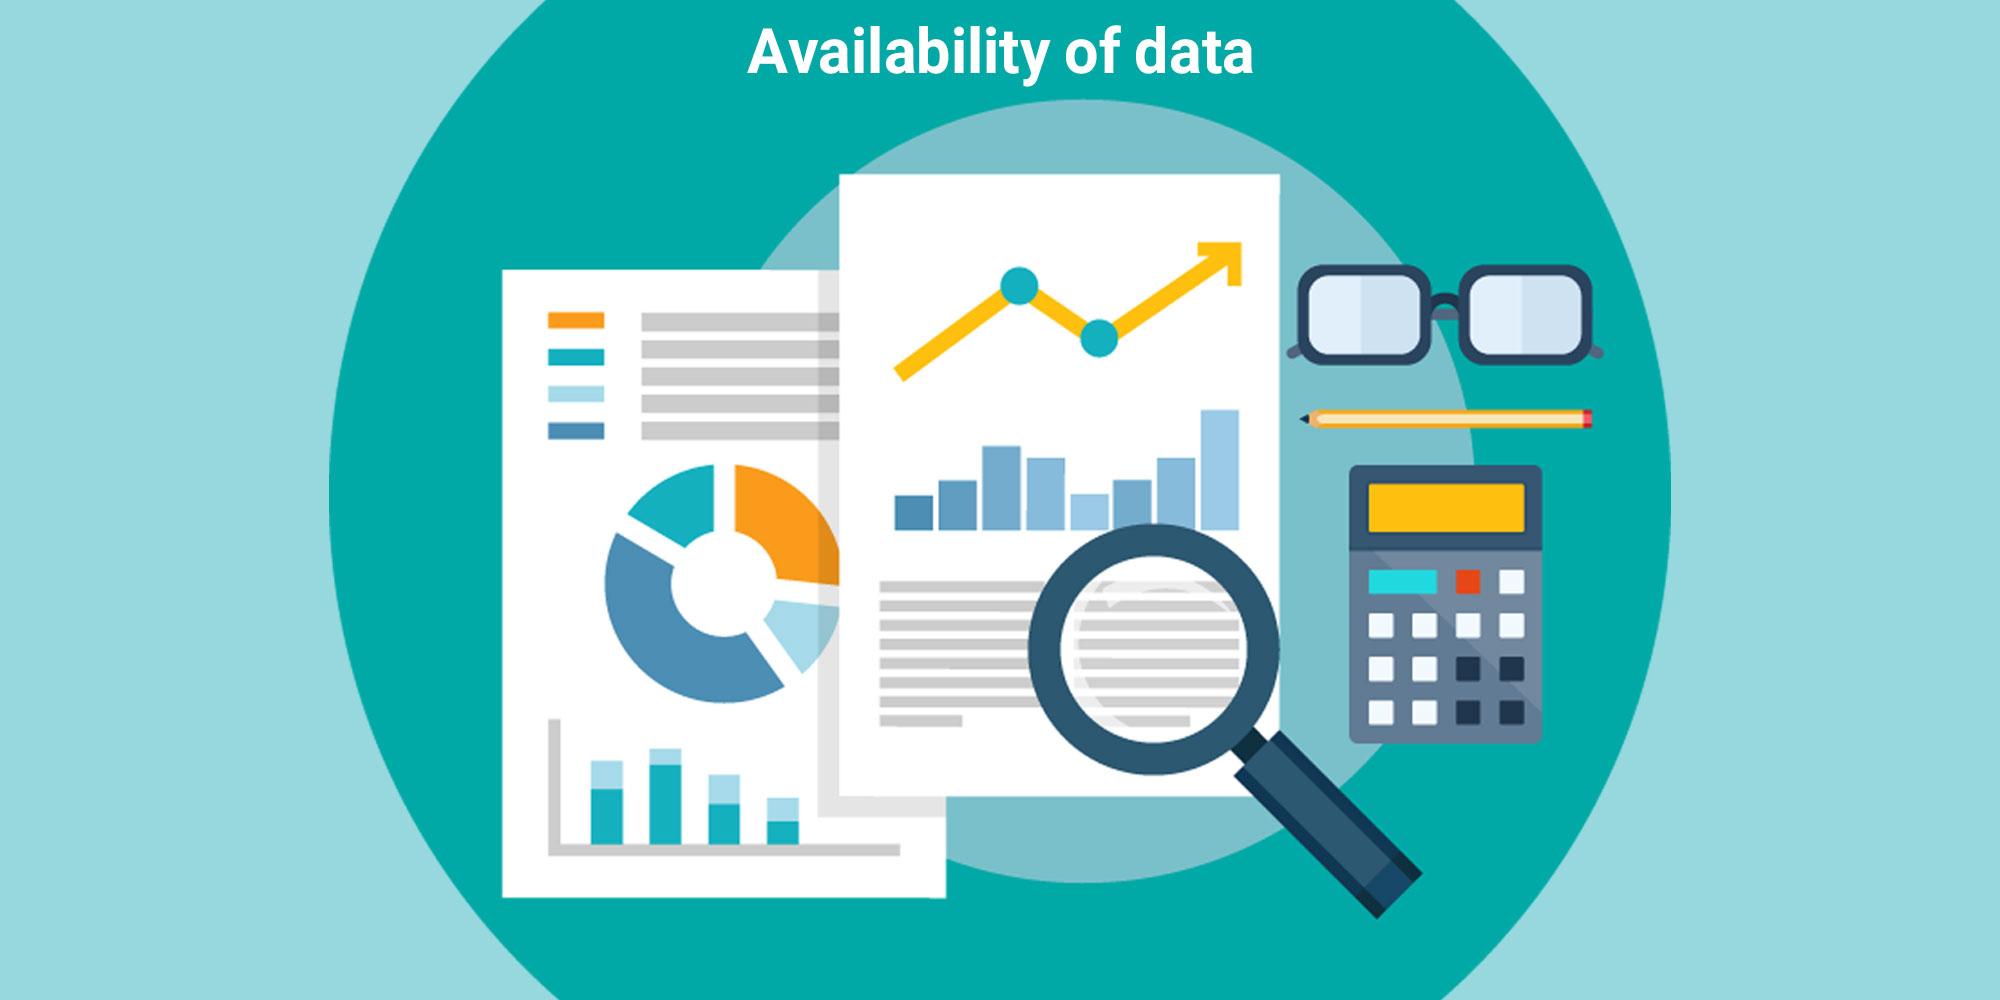 دسترسی به دادهها - معیارهای انتخاب attribution